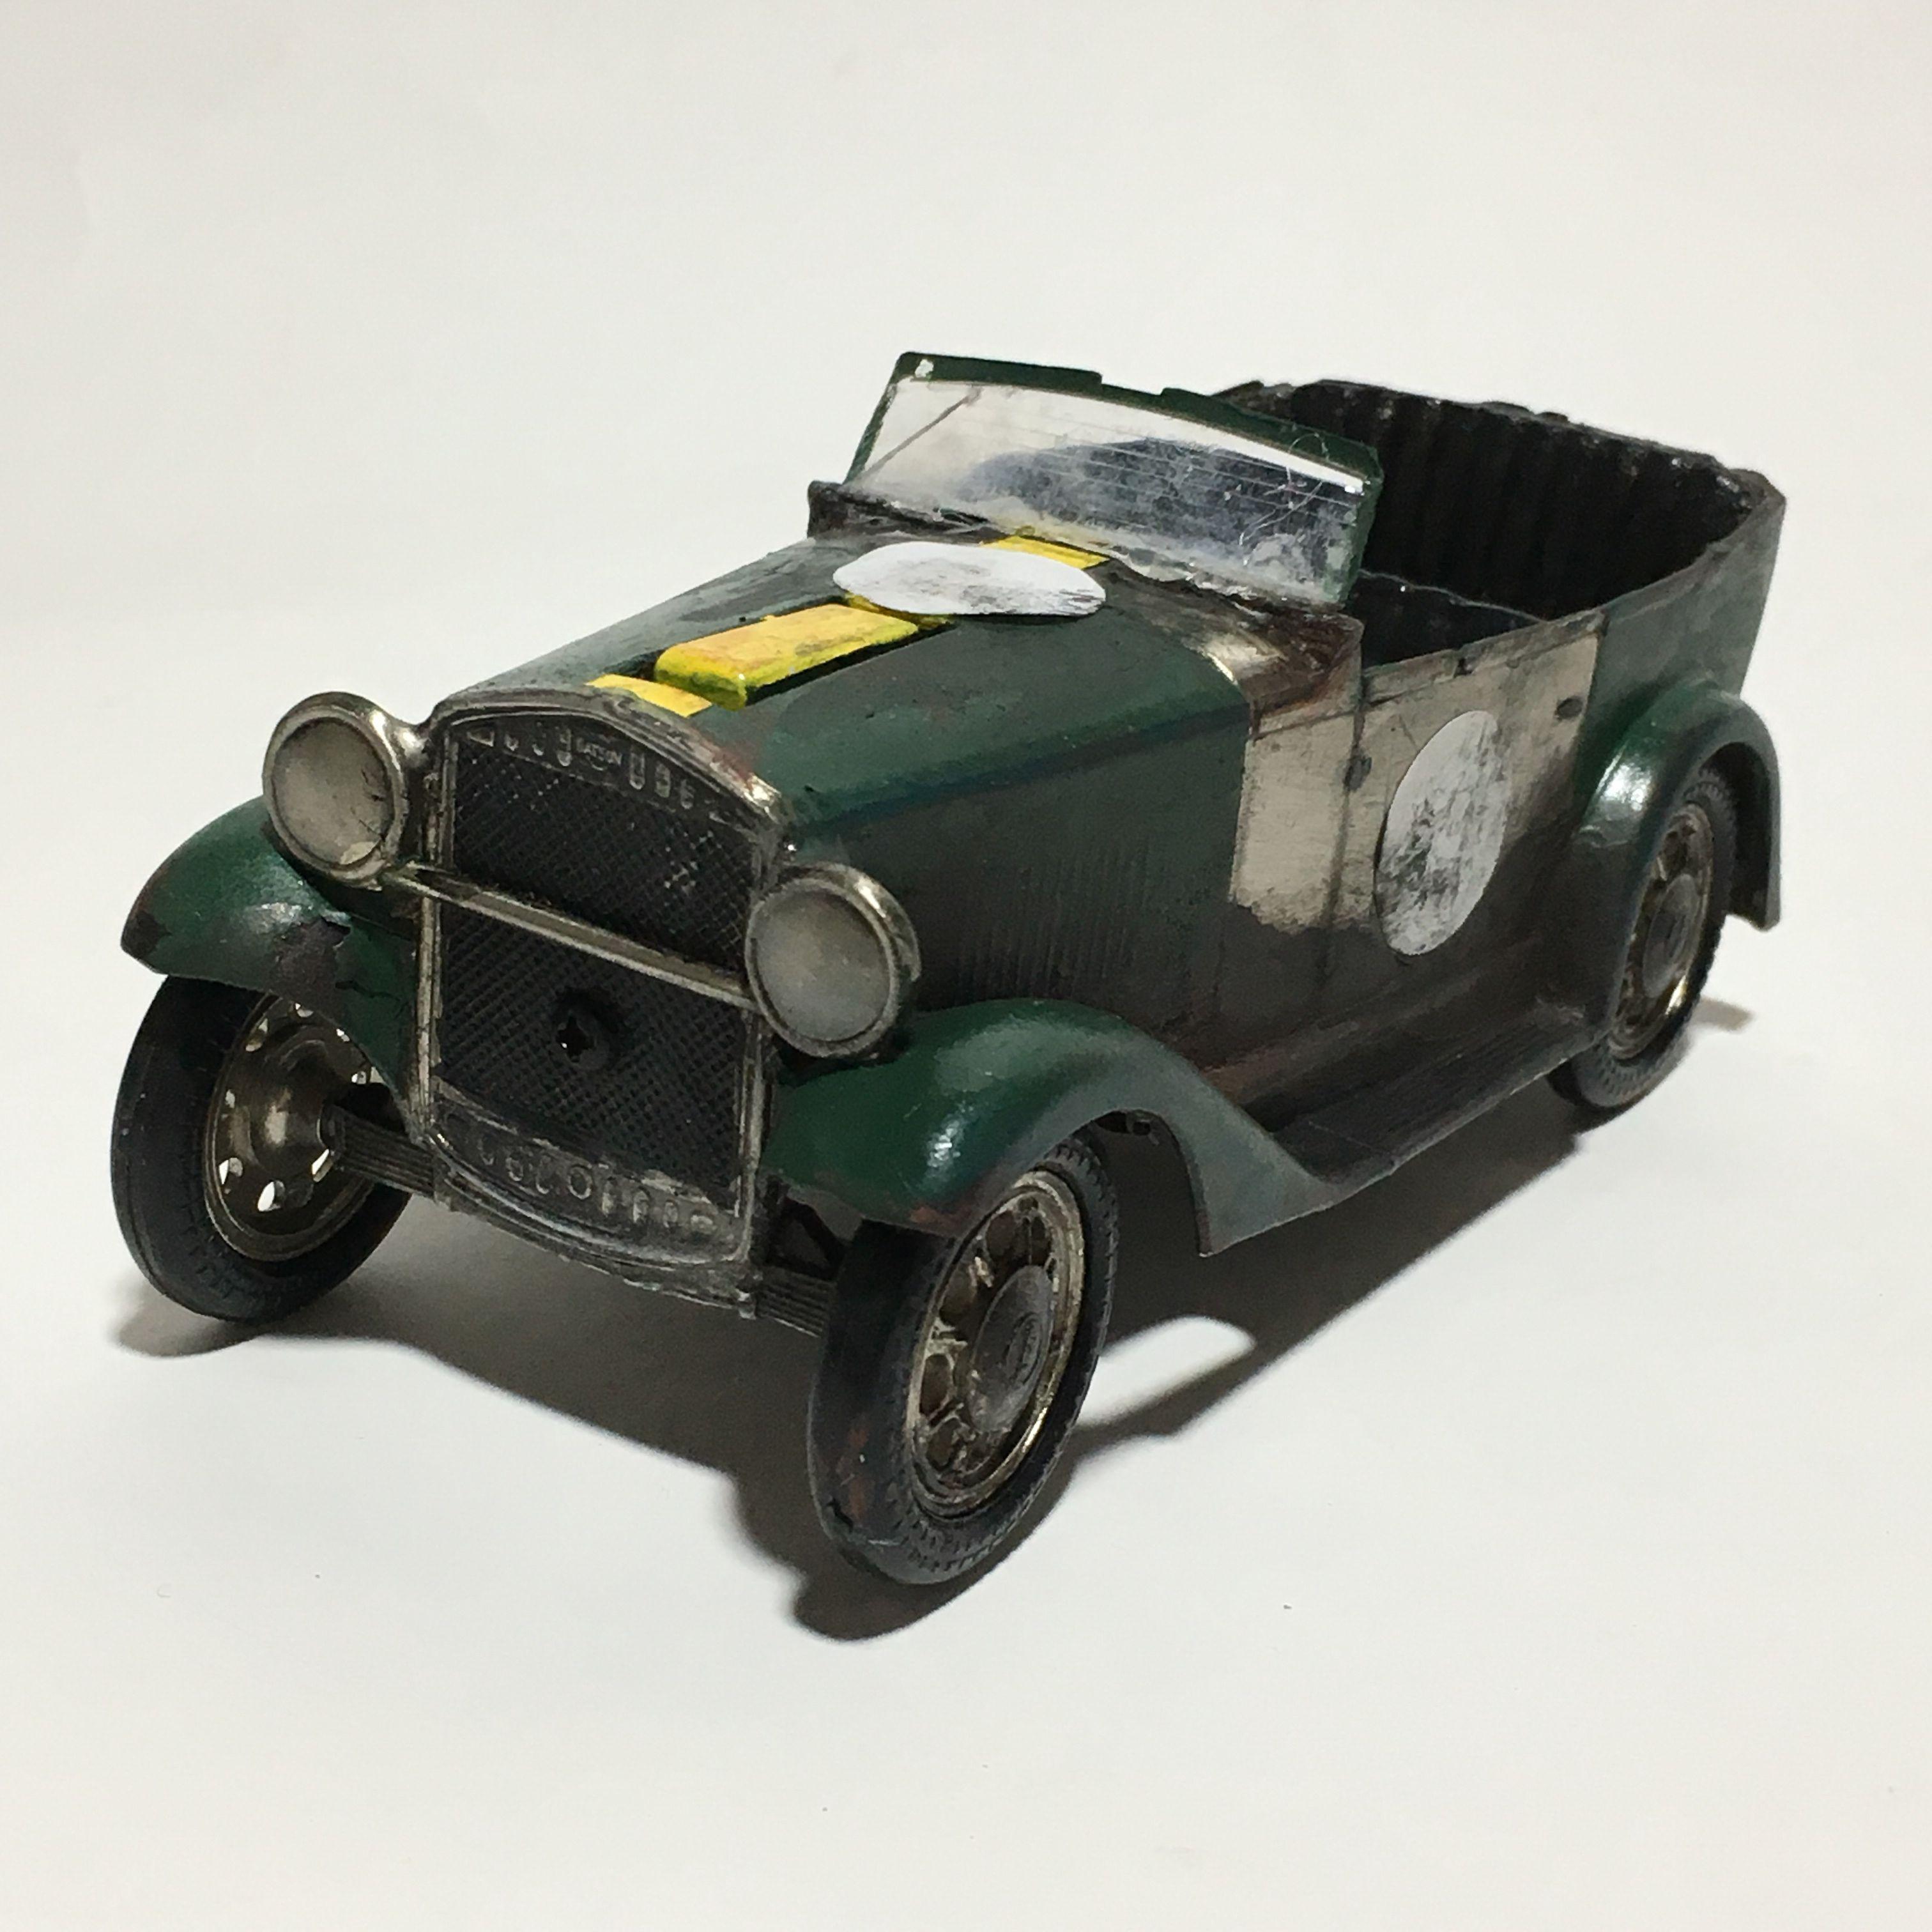 Vintage Clover ヴィンテージクローバー クラシックカー改造 ダイキャスト 難あり Vintegecar アールジェイシー 通販 Yahoo ショッピング おもちゃの車 ミニカー クラシックカー